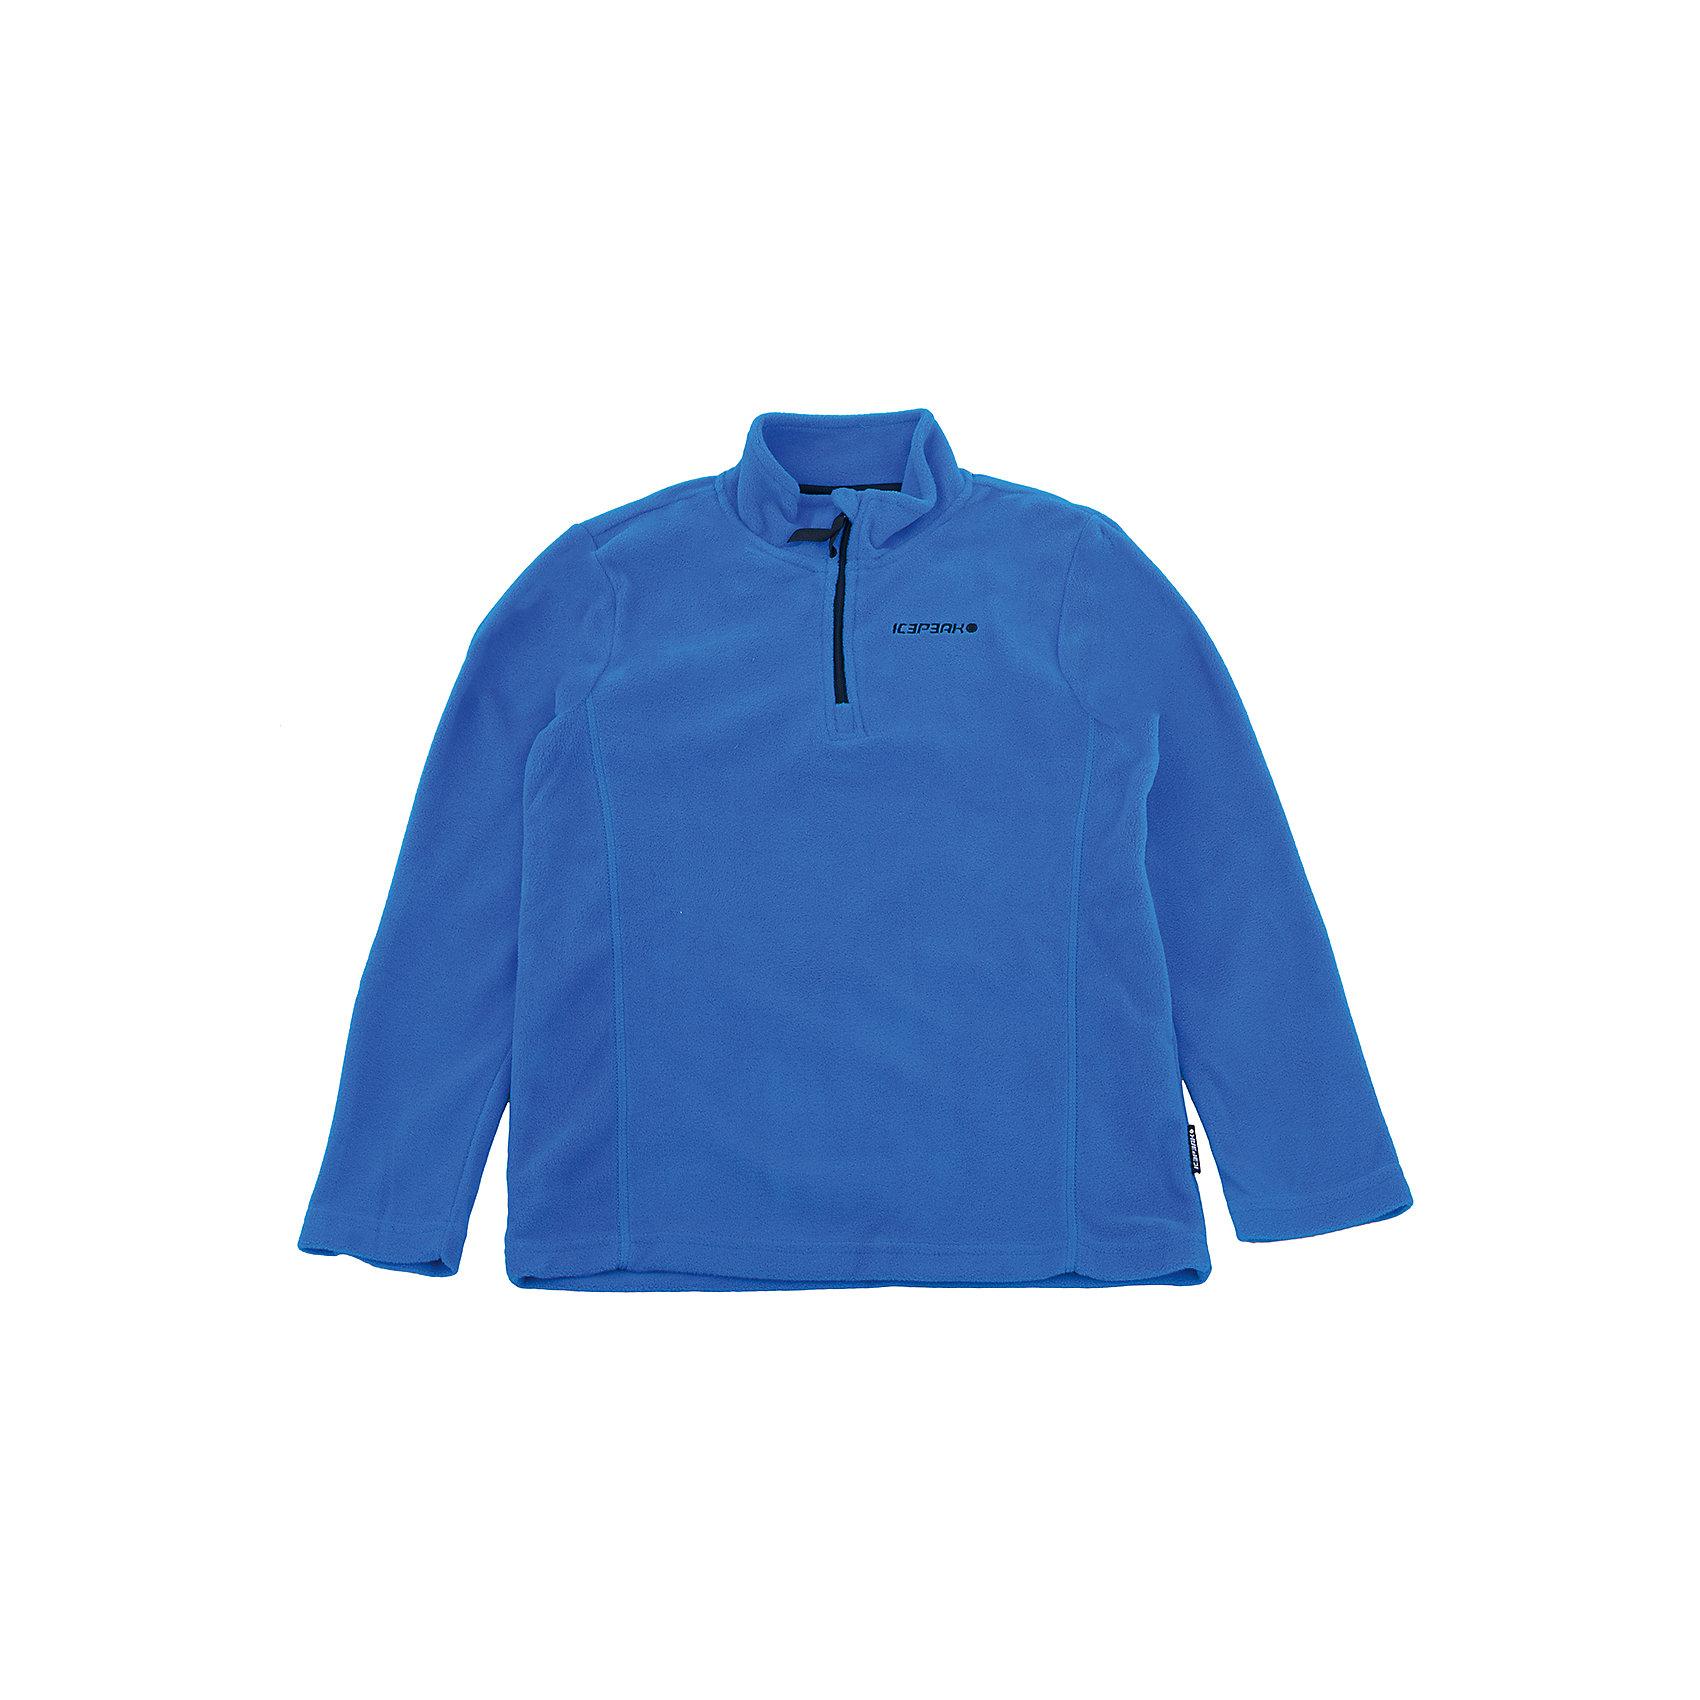 Толстовка для мальчика ICEPEAKТолстовки<br>Толстовка для мальчика от известного бренда ICEPEAK.<br>Толстовка флис с молнией , плотность 210 гр./кв.м.<br>Состав:<br>100% полиэстер<br><br>Ширина мм: 190<br>Глубина мм: 74<br>Высота мм: 229<br>Вес г: 236<br>Цвет: синий<br>Возраст от месяцев: 156<br>Возраст до месяцев: 168<br>Пол: Мужской<br>Возраст: Детский<br>Размер: 164,128,140,152<br>SKU: 5413836